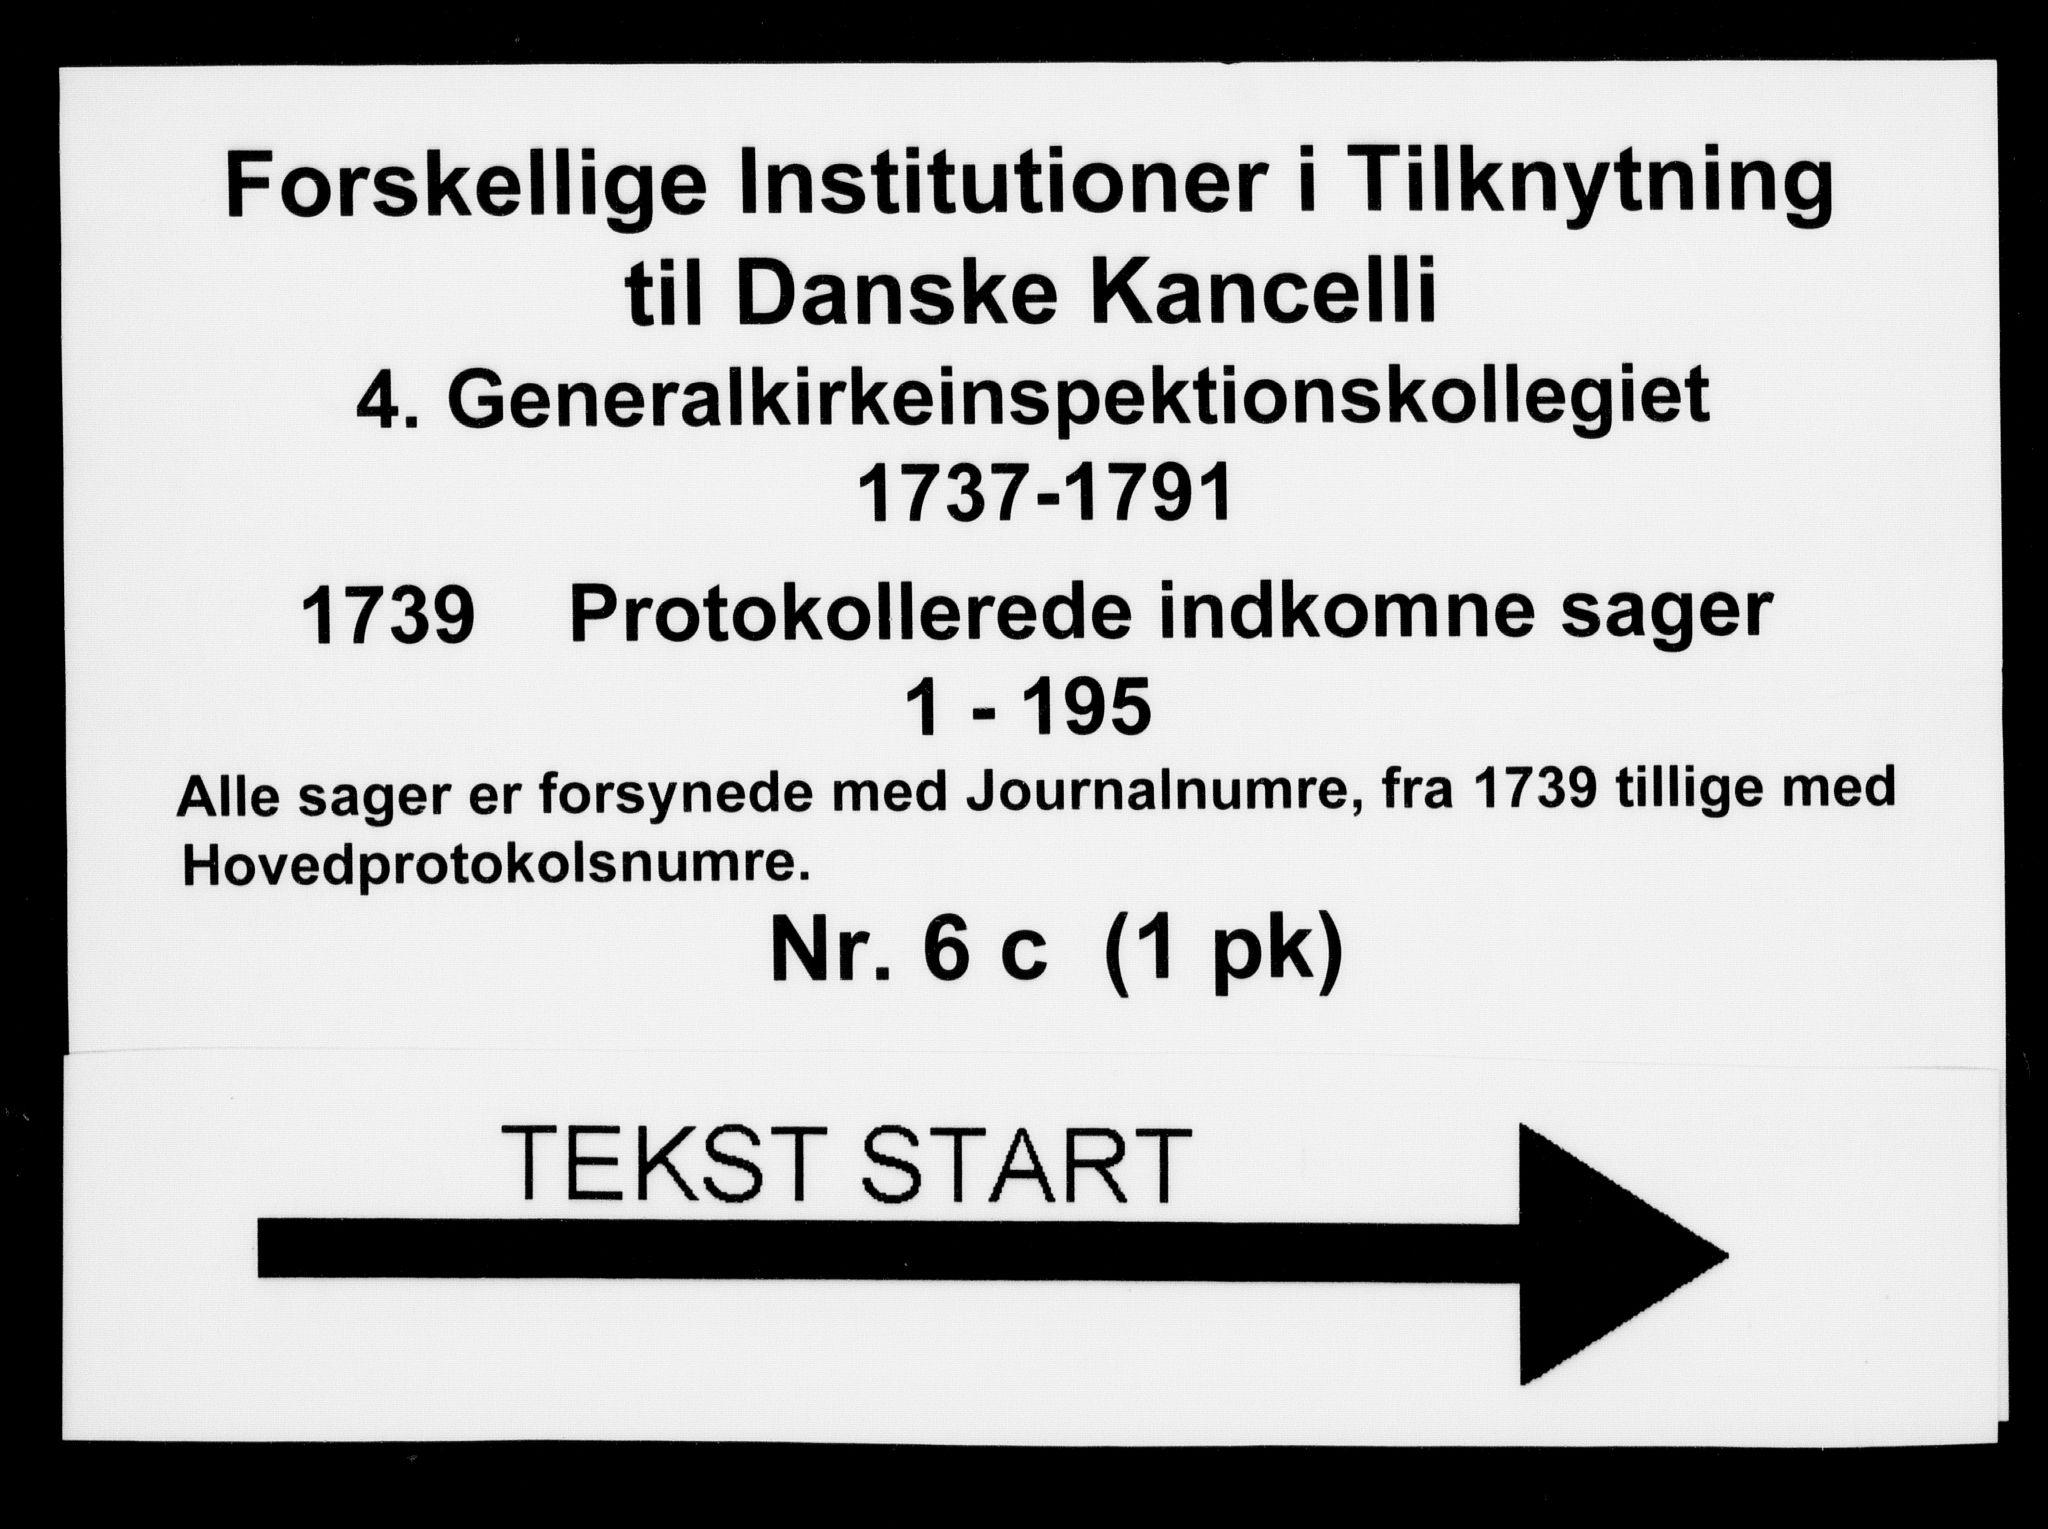 DRA, Generalkirkeinspektionskollegiet, F4-06/F4-06-03: Protokollerede indkomne sager, 1739